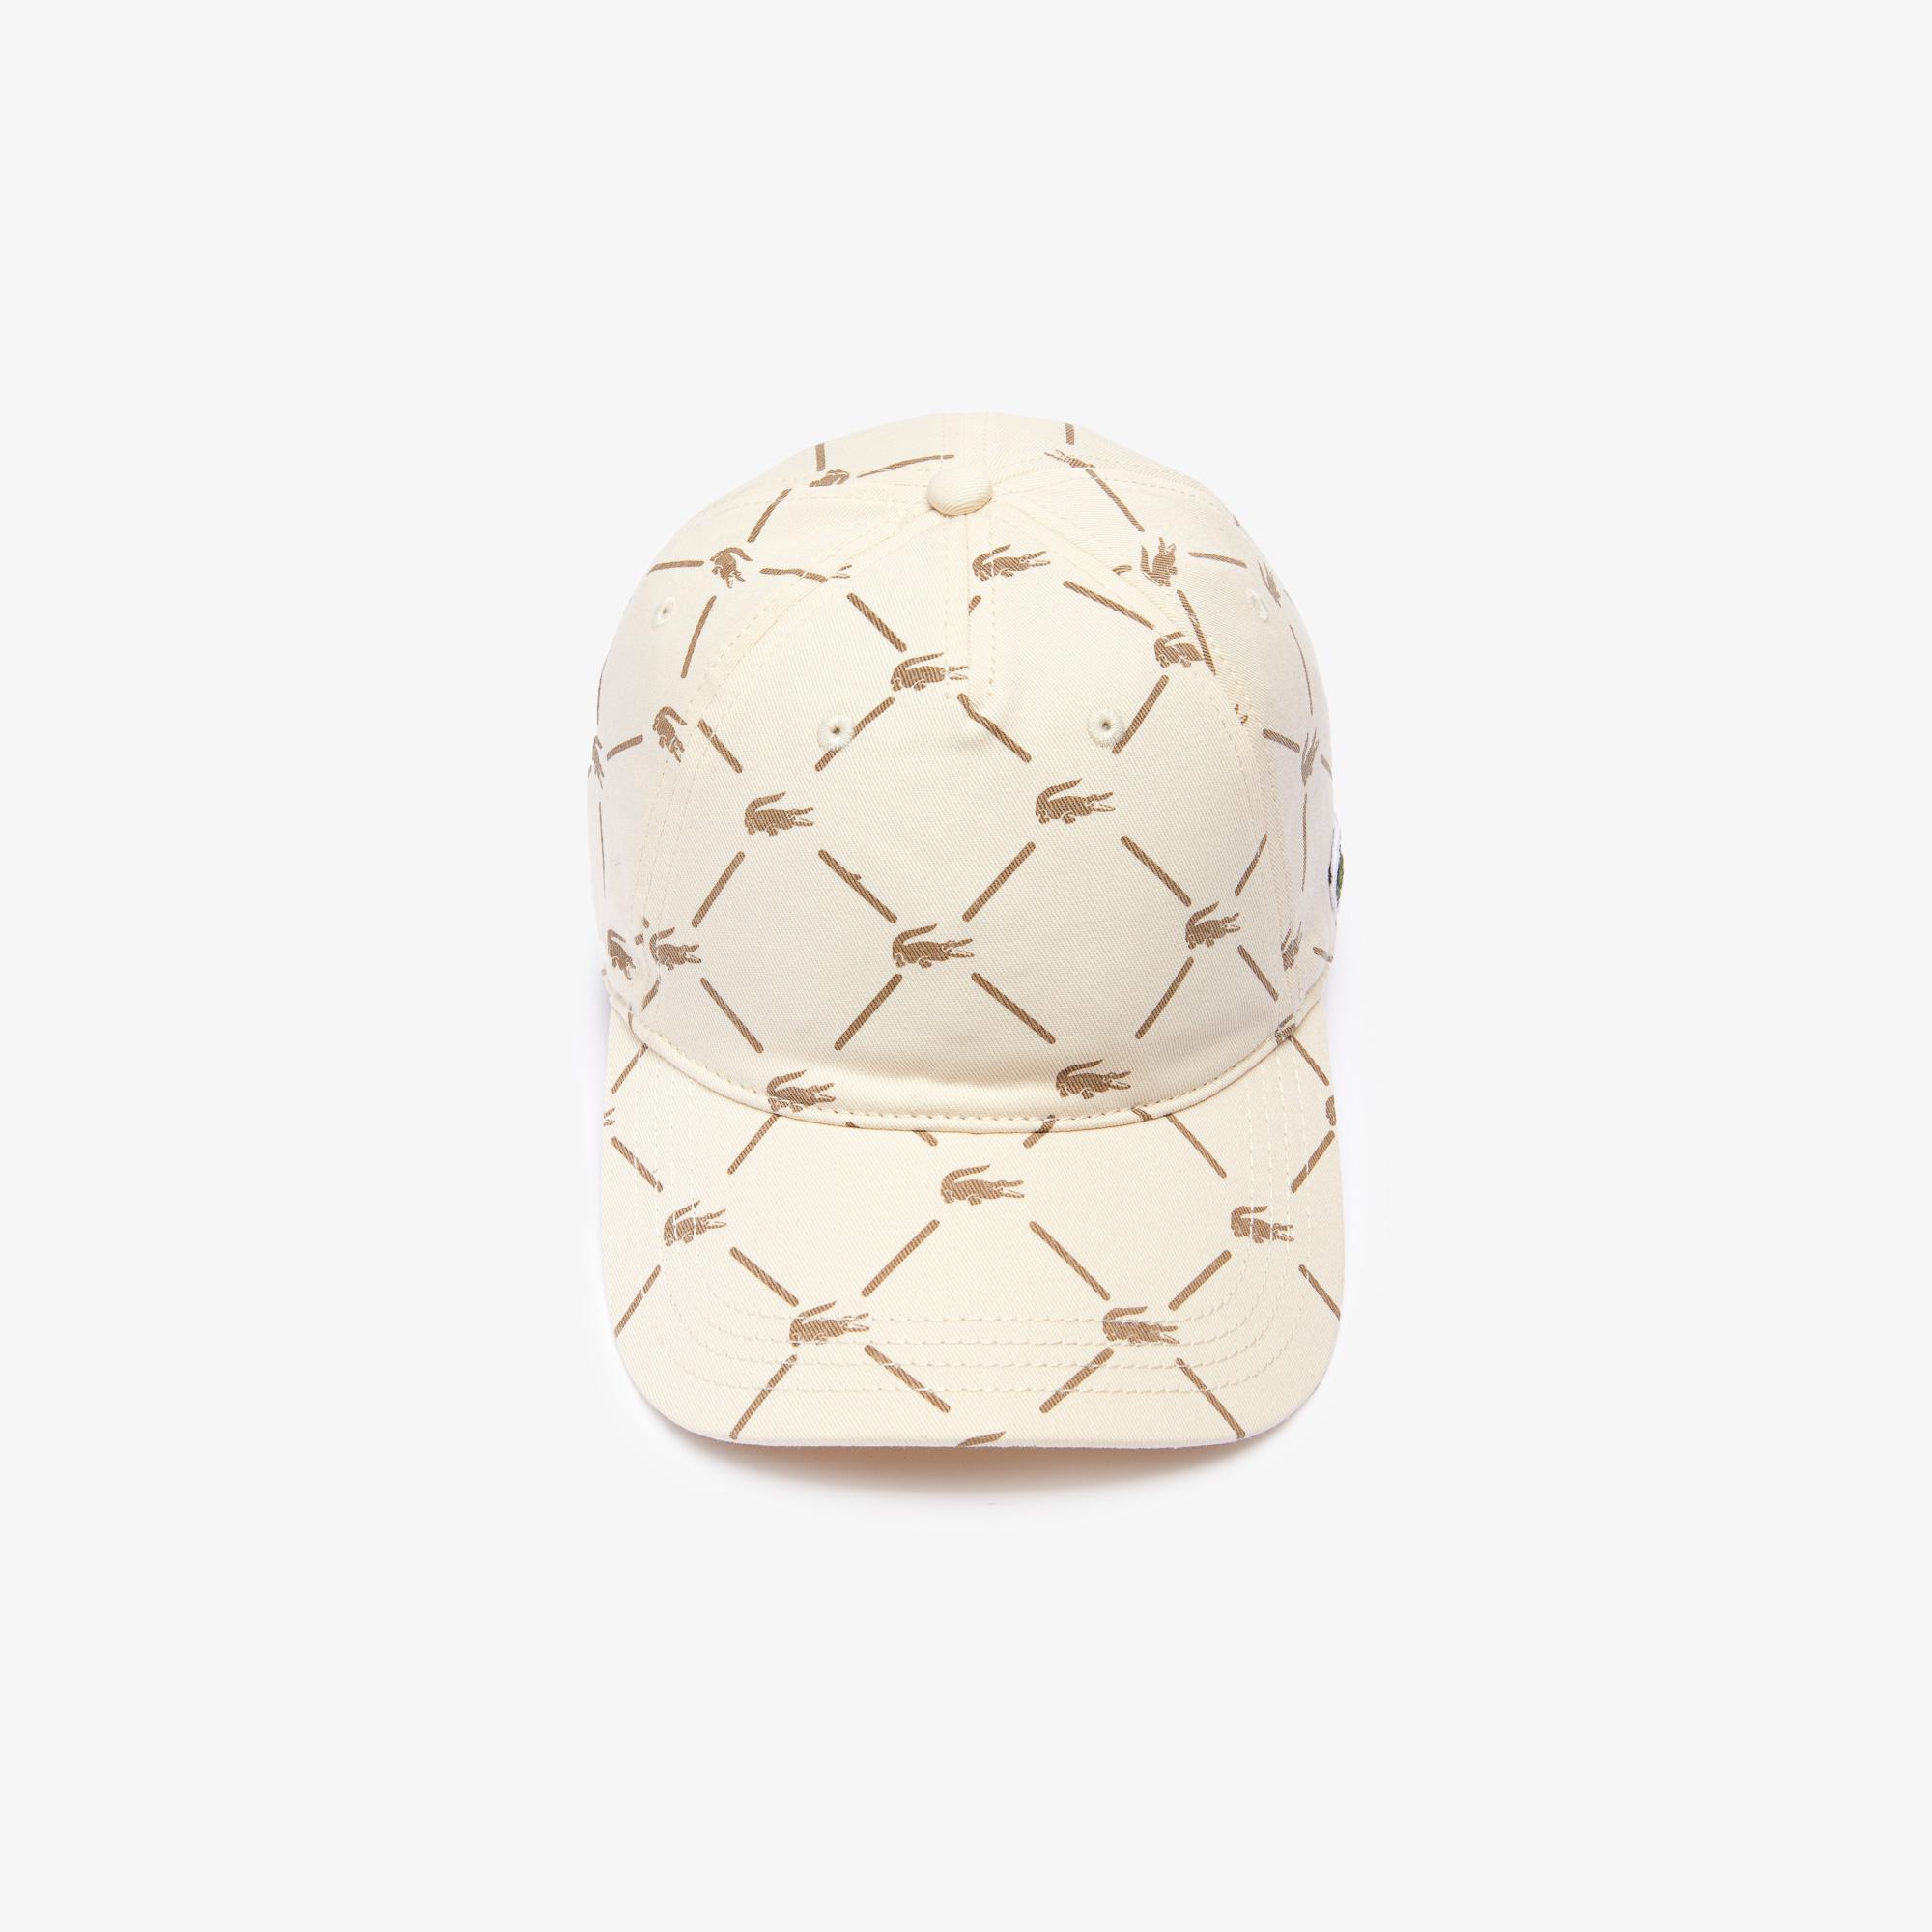 Lacoste Unisex Lacoste LIVE Monogram Print Cotton Cap